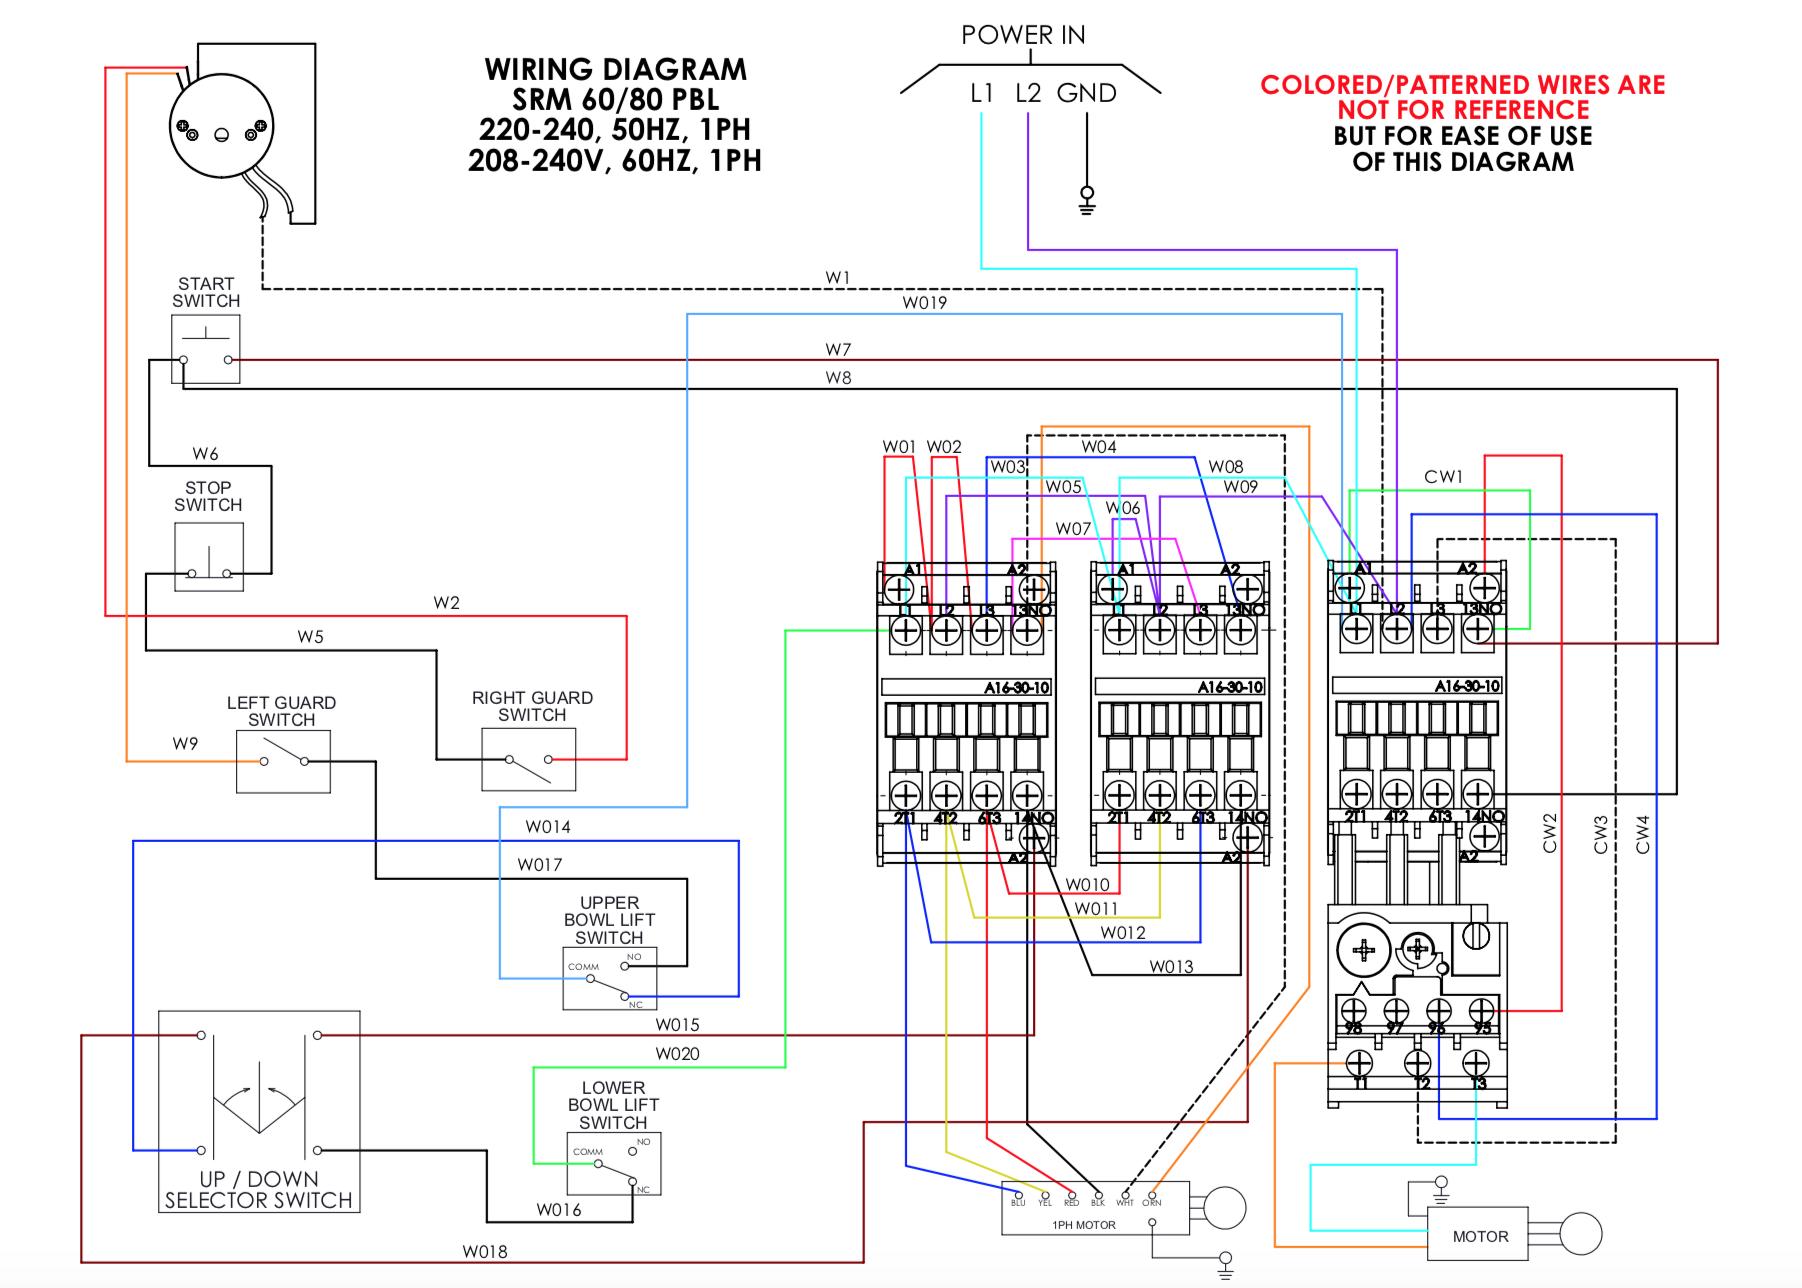 [SCHEMATICS_49CH]  KT_9632] Rockwell Motor Wiring Diagram Free Diagram | Delta Unisaw Wiring Diagram |  | Eumqu Embo Vish Ungo Sapebe Mohammedshrine Librar Wiring 101